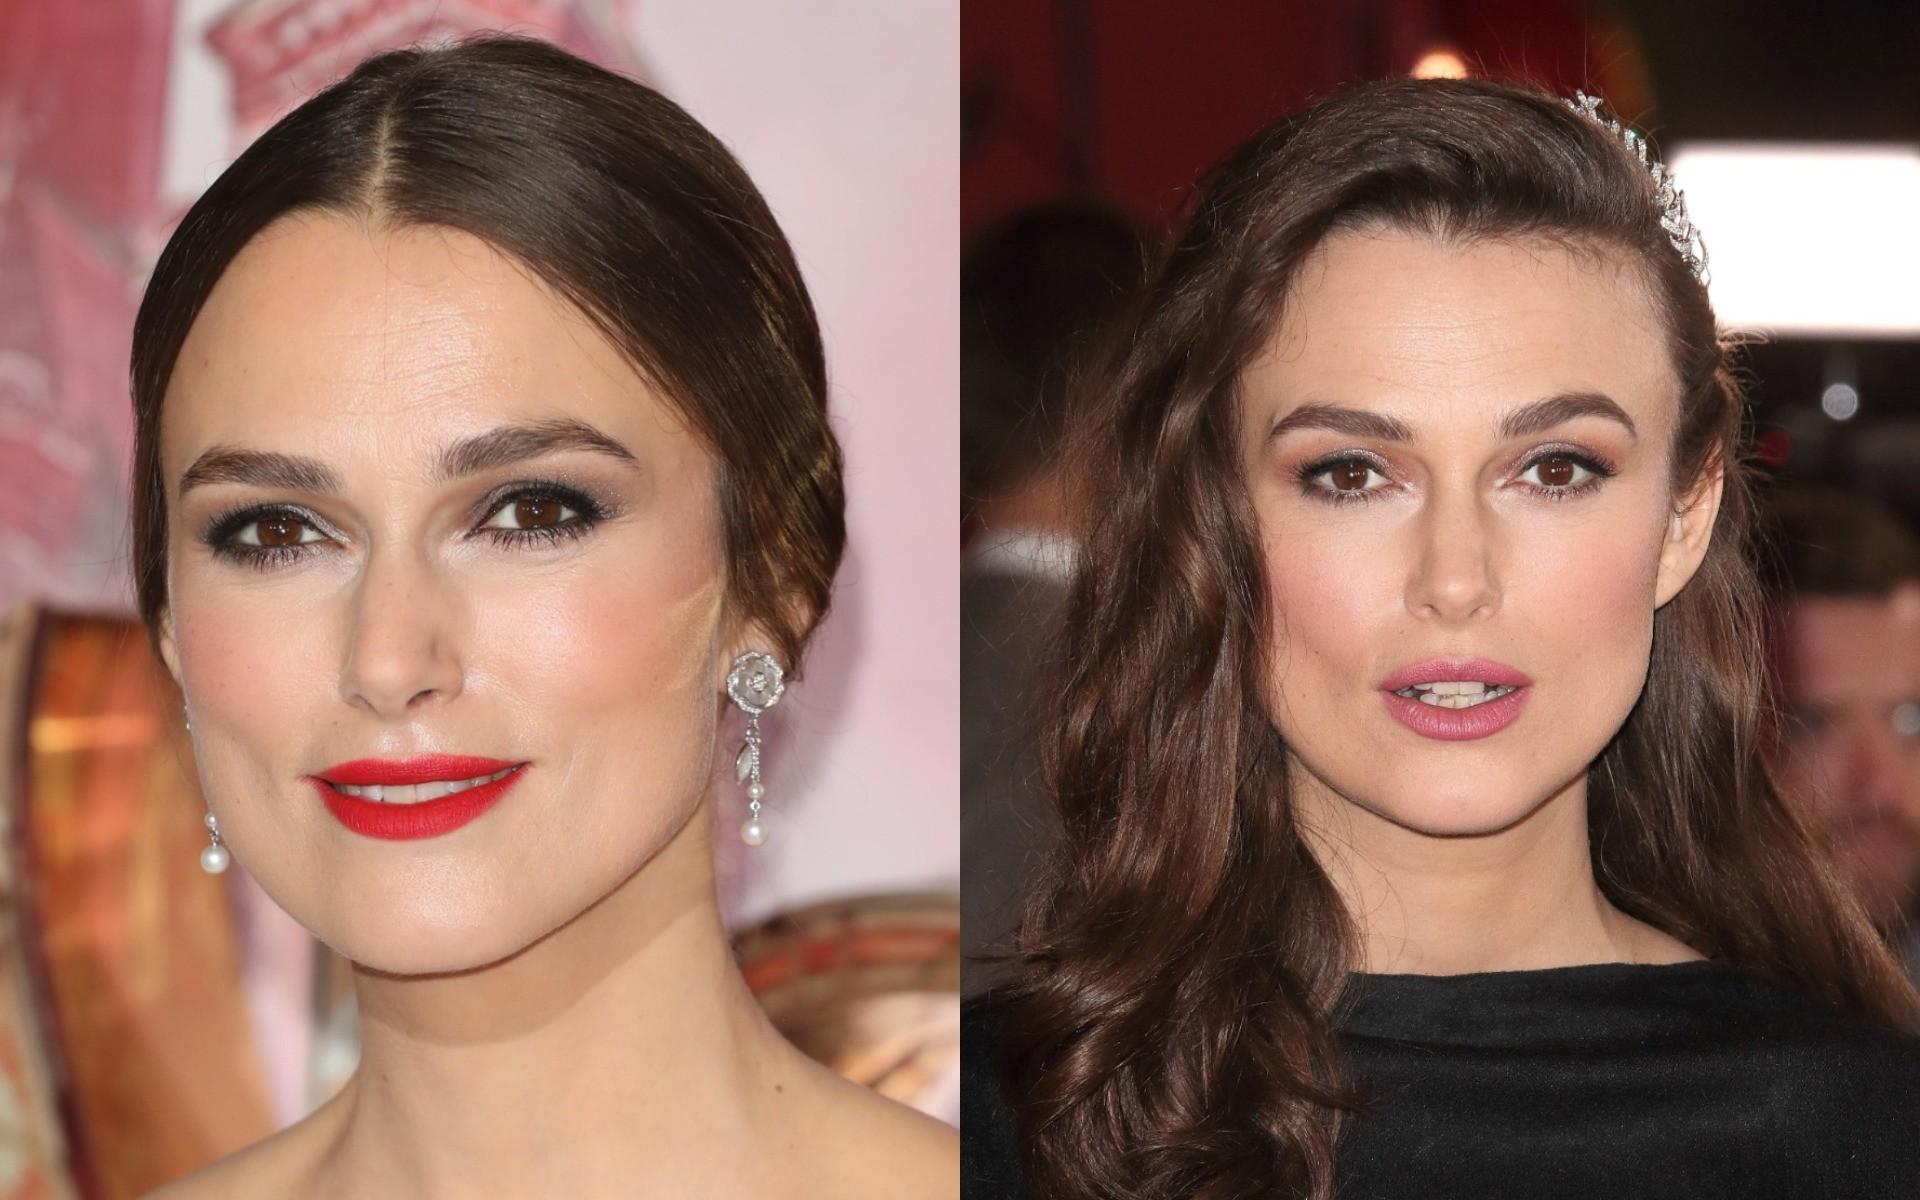 17 актеров, которые настолько похожи, что их невозможно отличить друг от друга фото